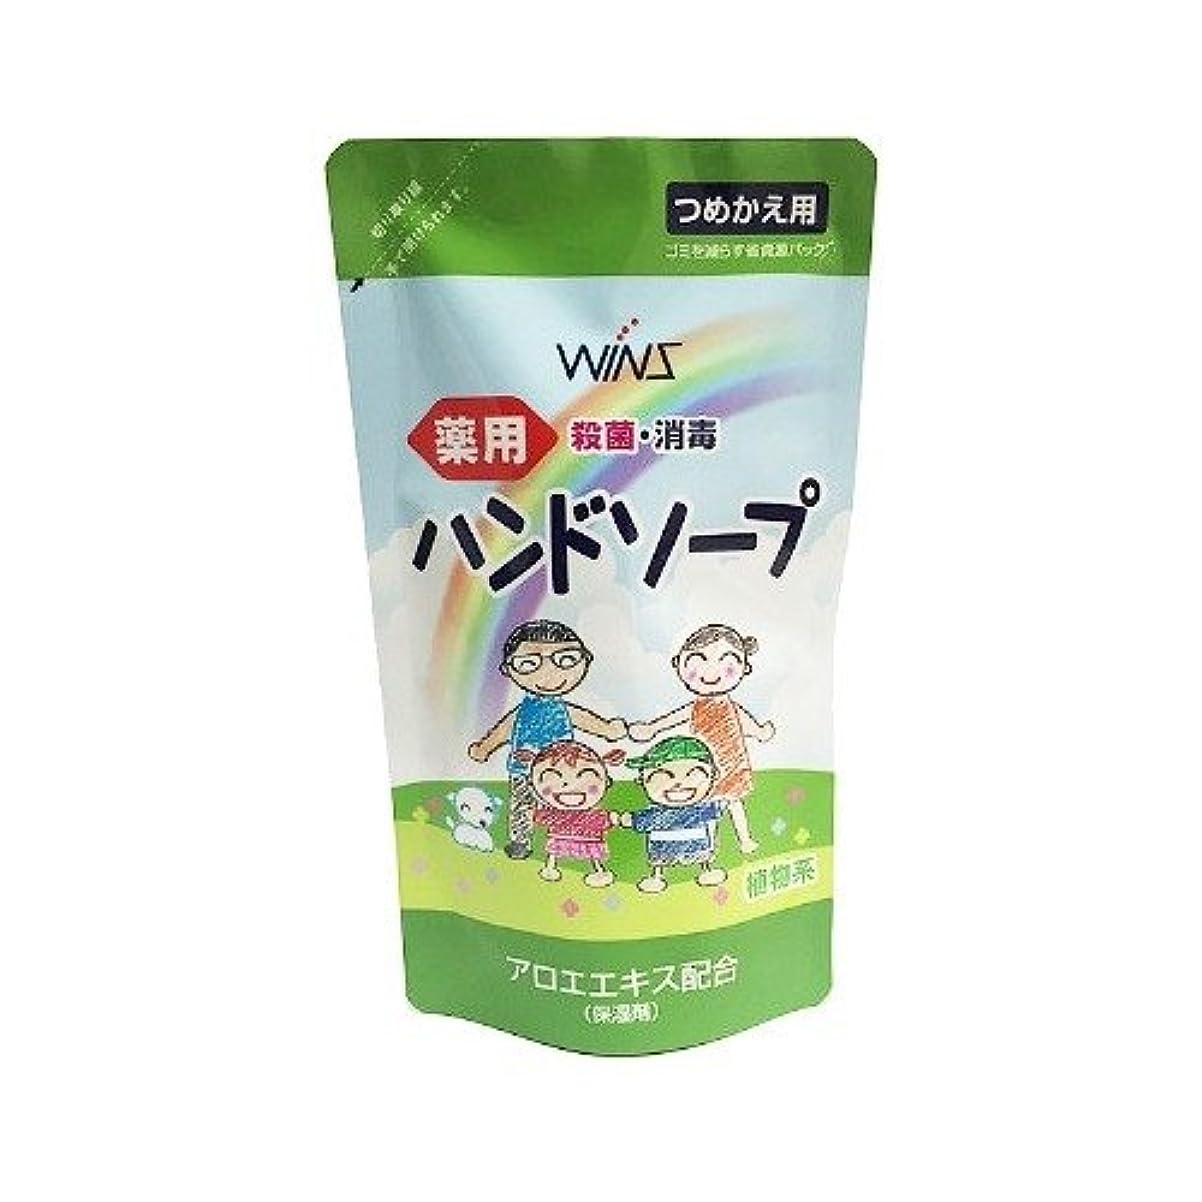 エレクトロニック者始まりウインズ 薬用ハンドソープ 詰替 200mL 日本合成洗剤